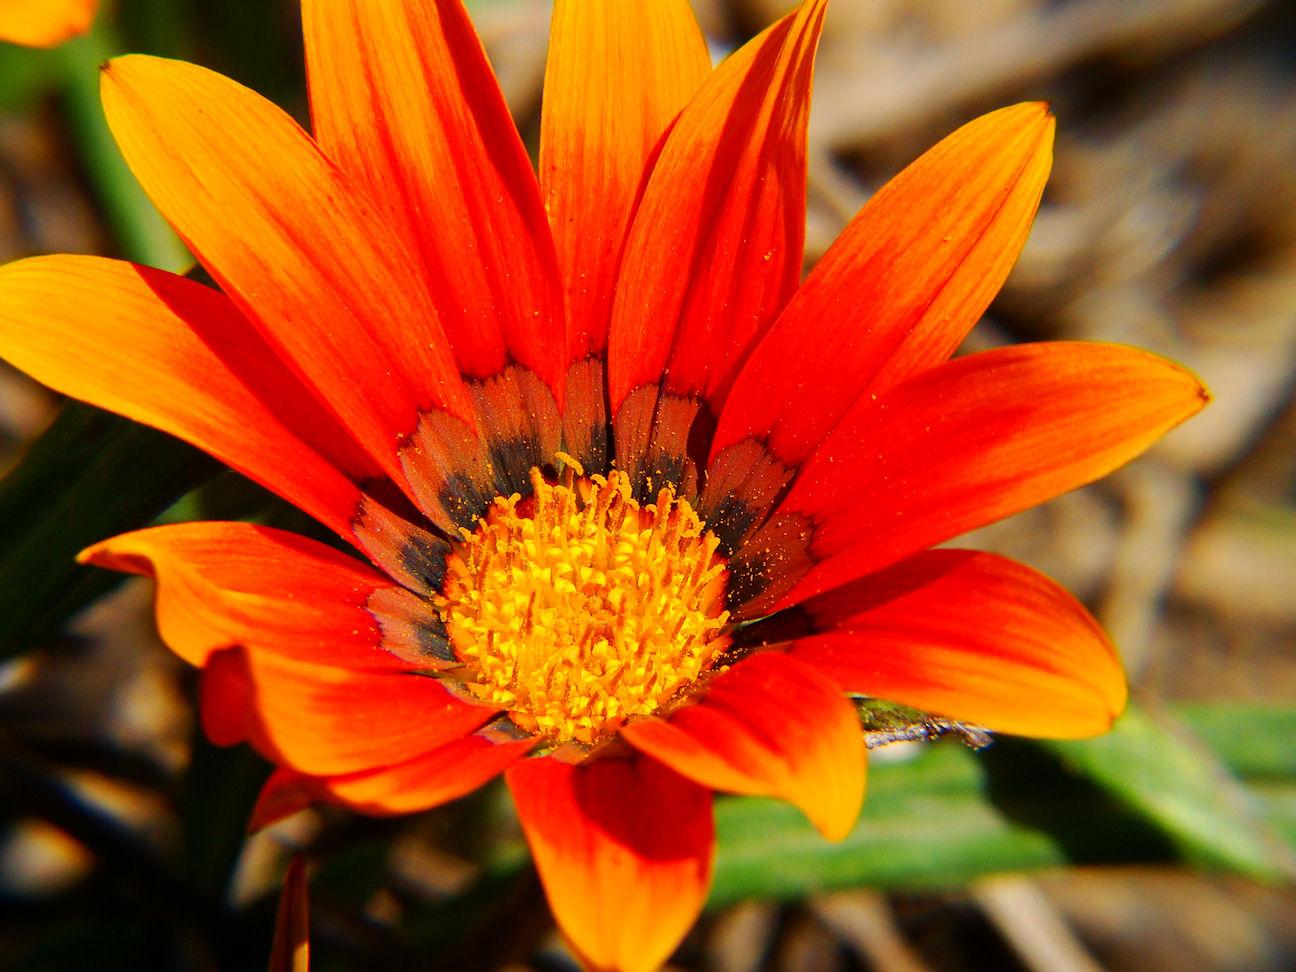 Digital art by john late summer blooming flowers - Fall blooming flowers ...